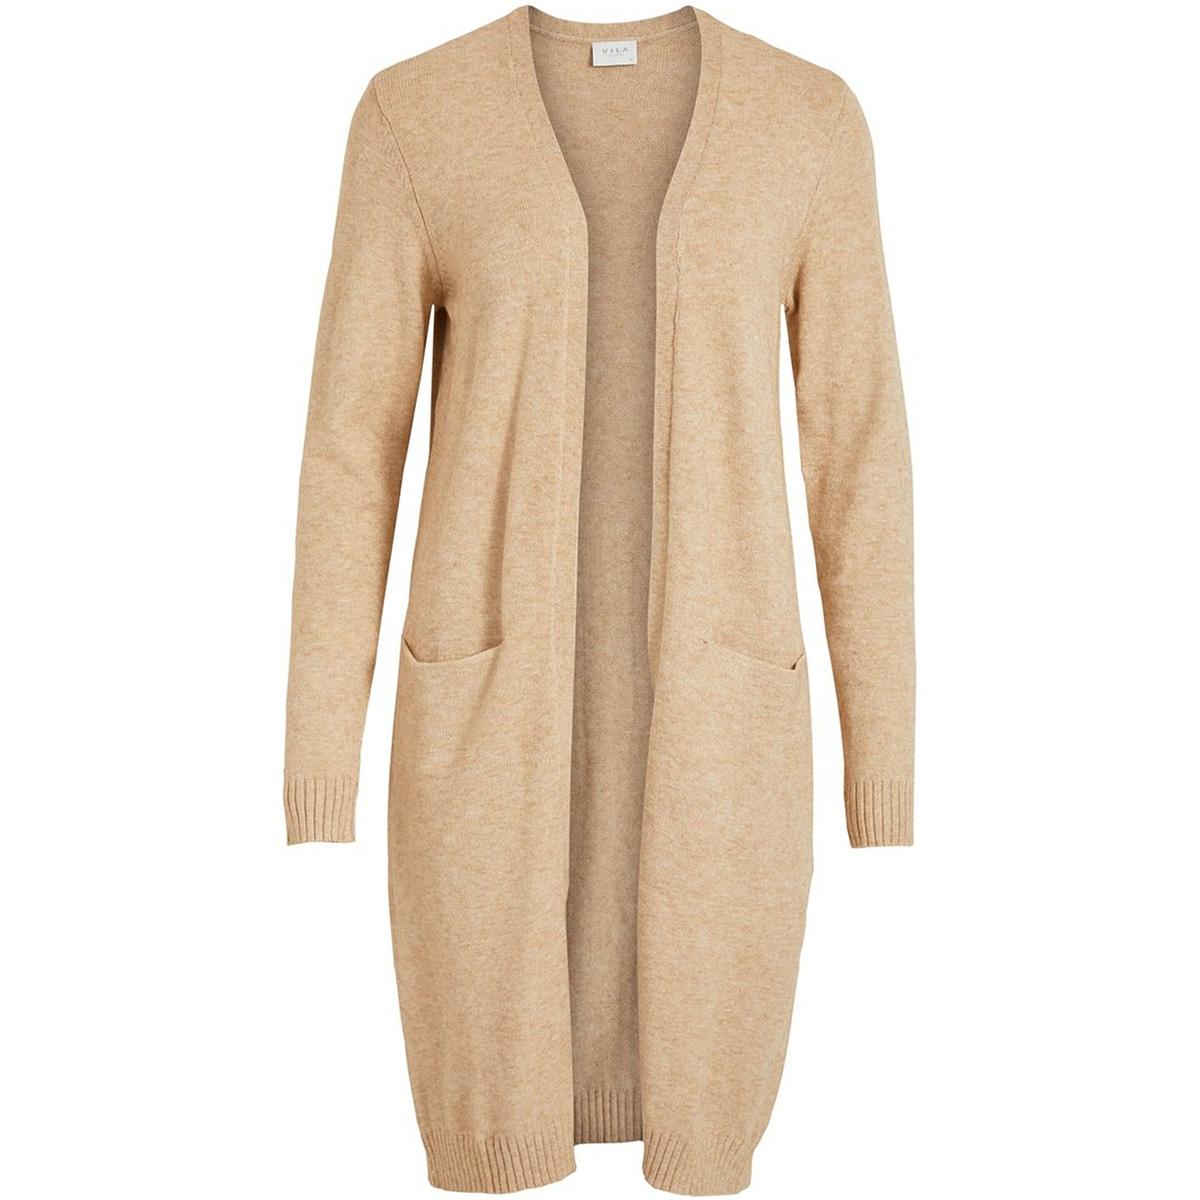 viril l/s long knit cardigan-noos 14042770 vila vest nomad/melange